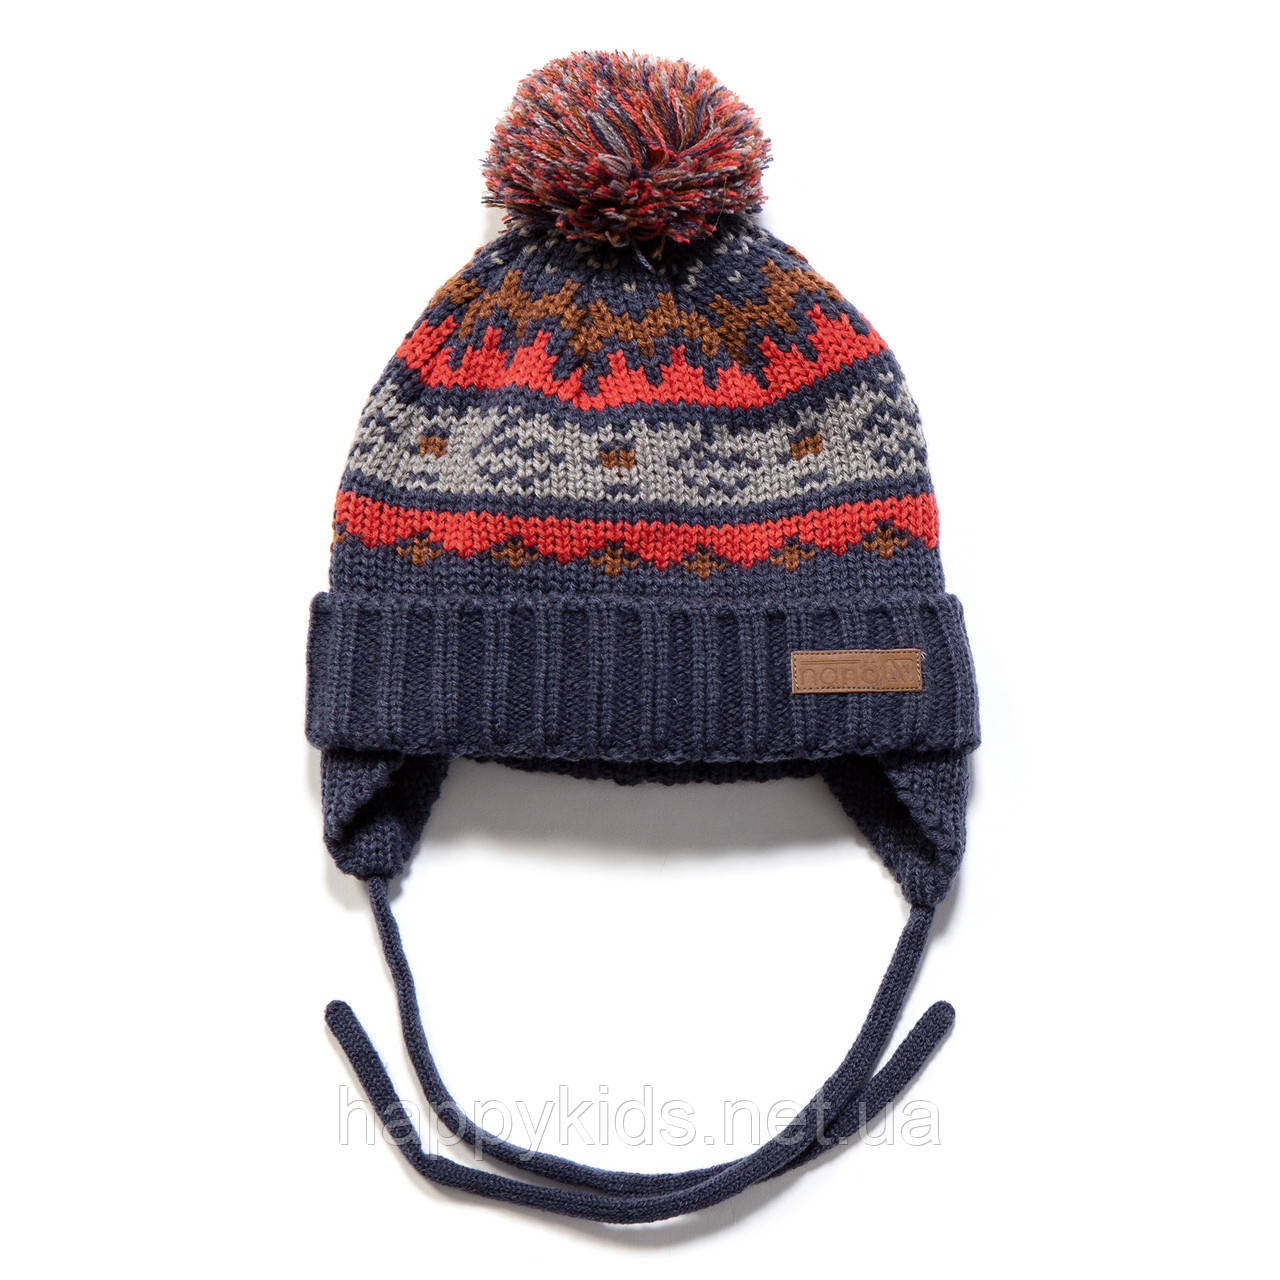 Зимняя шапка для мальчика Nano F17 TU 267Crown Blue . Размеры 9/12 мес -  2/3Х.